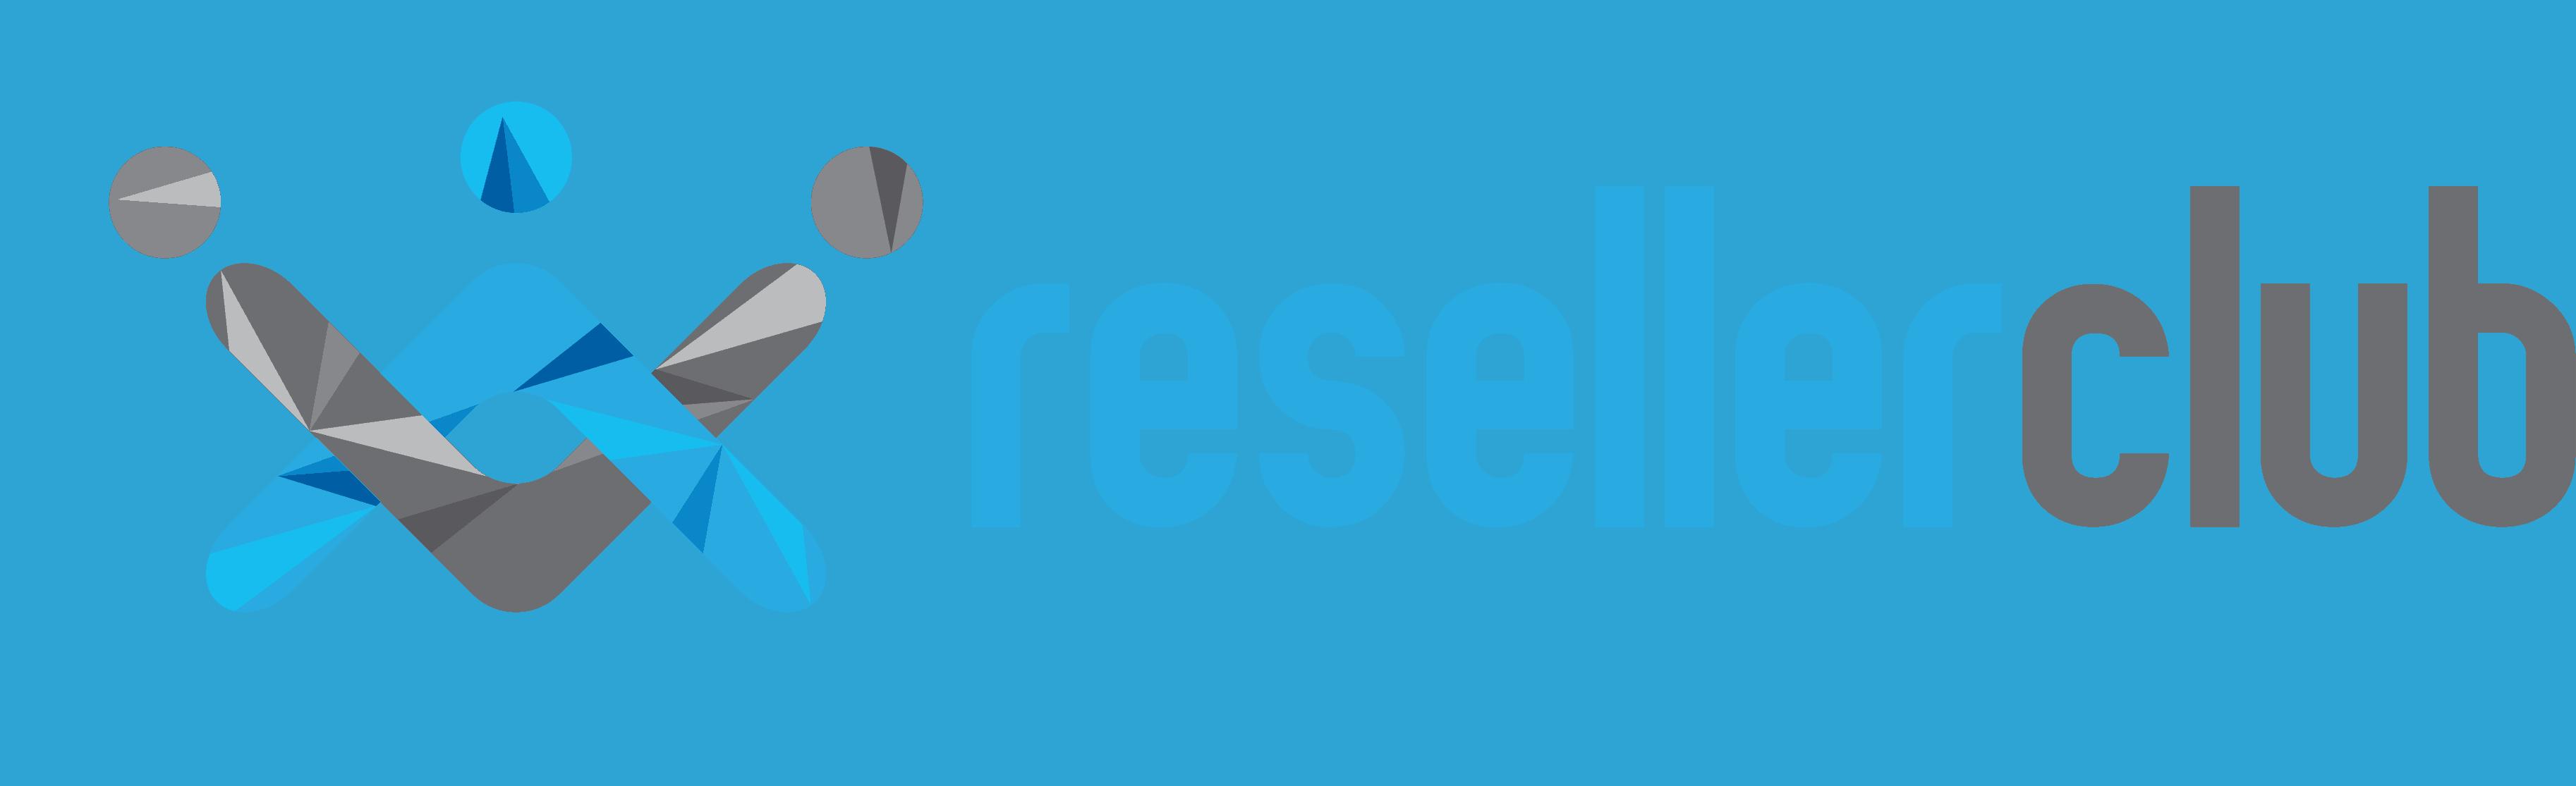 resellerclub hosting